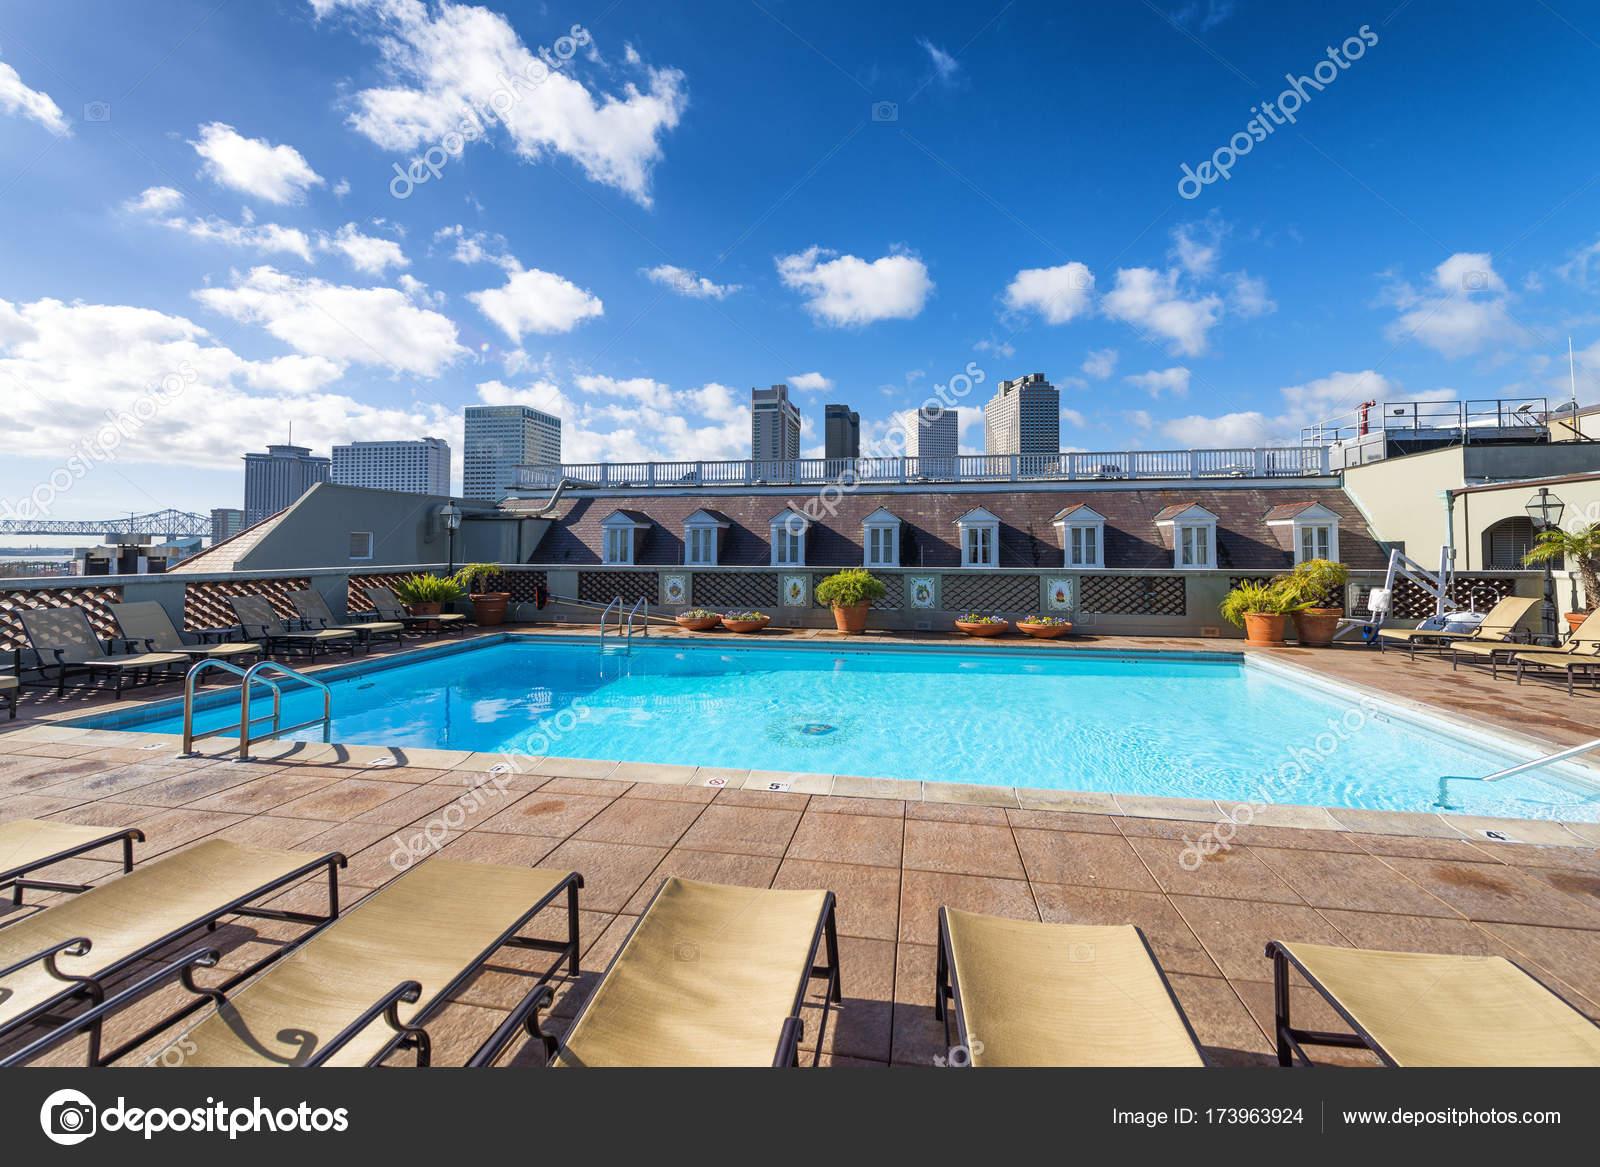 Zwembad Op Dakterras : De skyline van new orleans van een mooi dakterras met zwembad